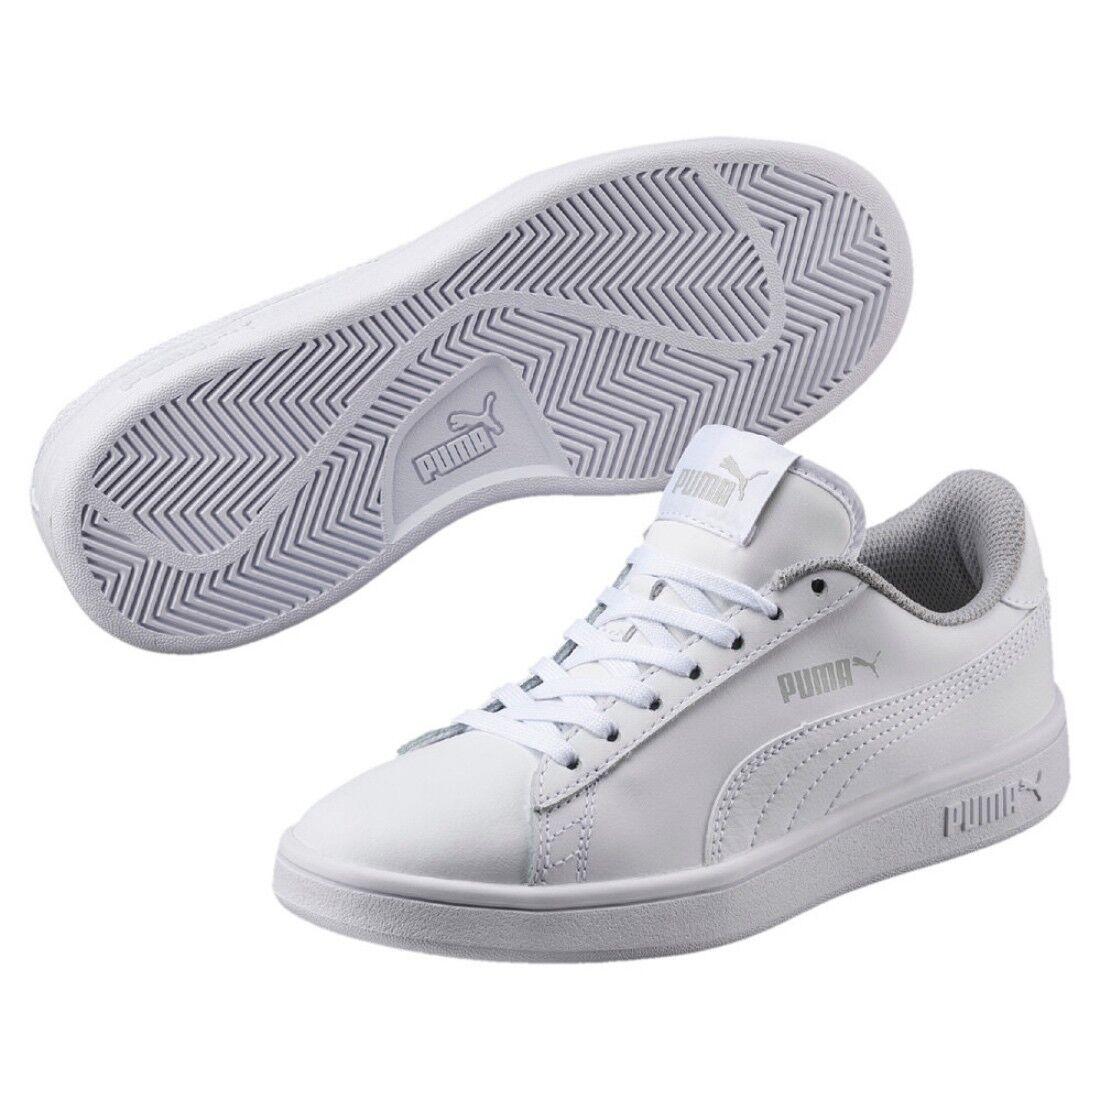 Zapatos promocionales para hombres y mujeres Puma Smash V2 L JR low-top Unisex Niños